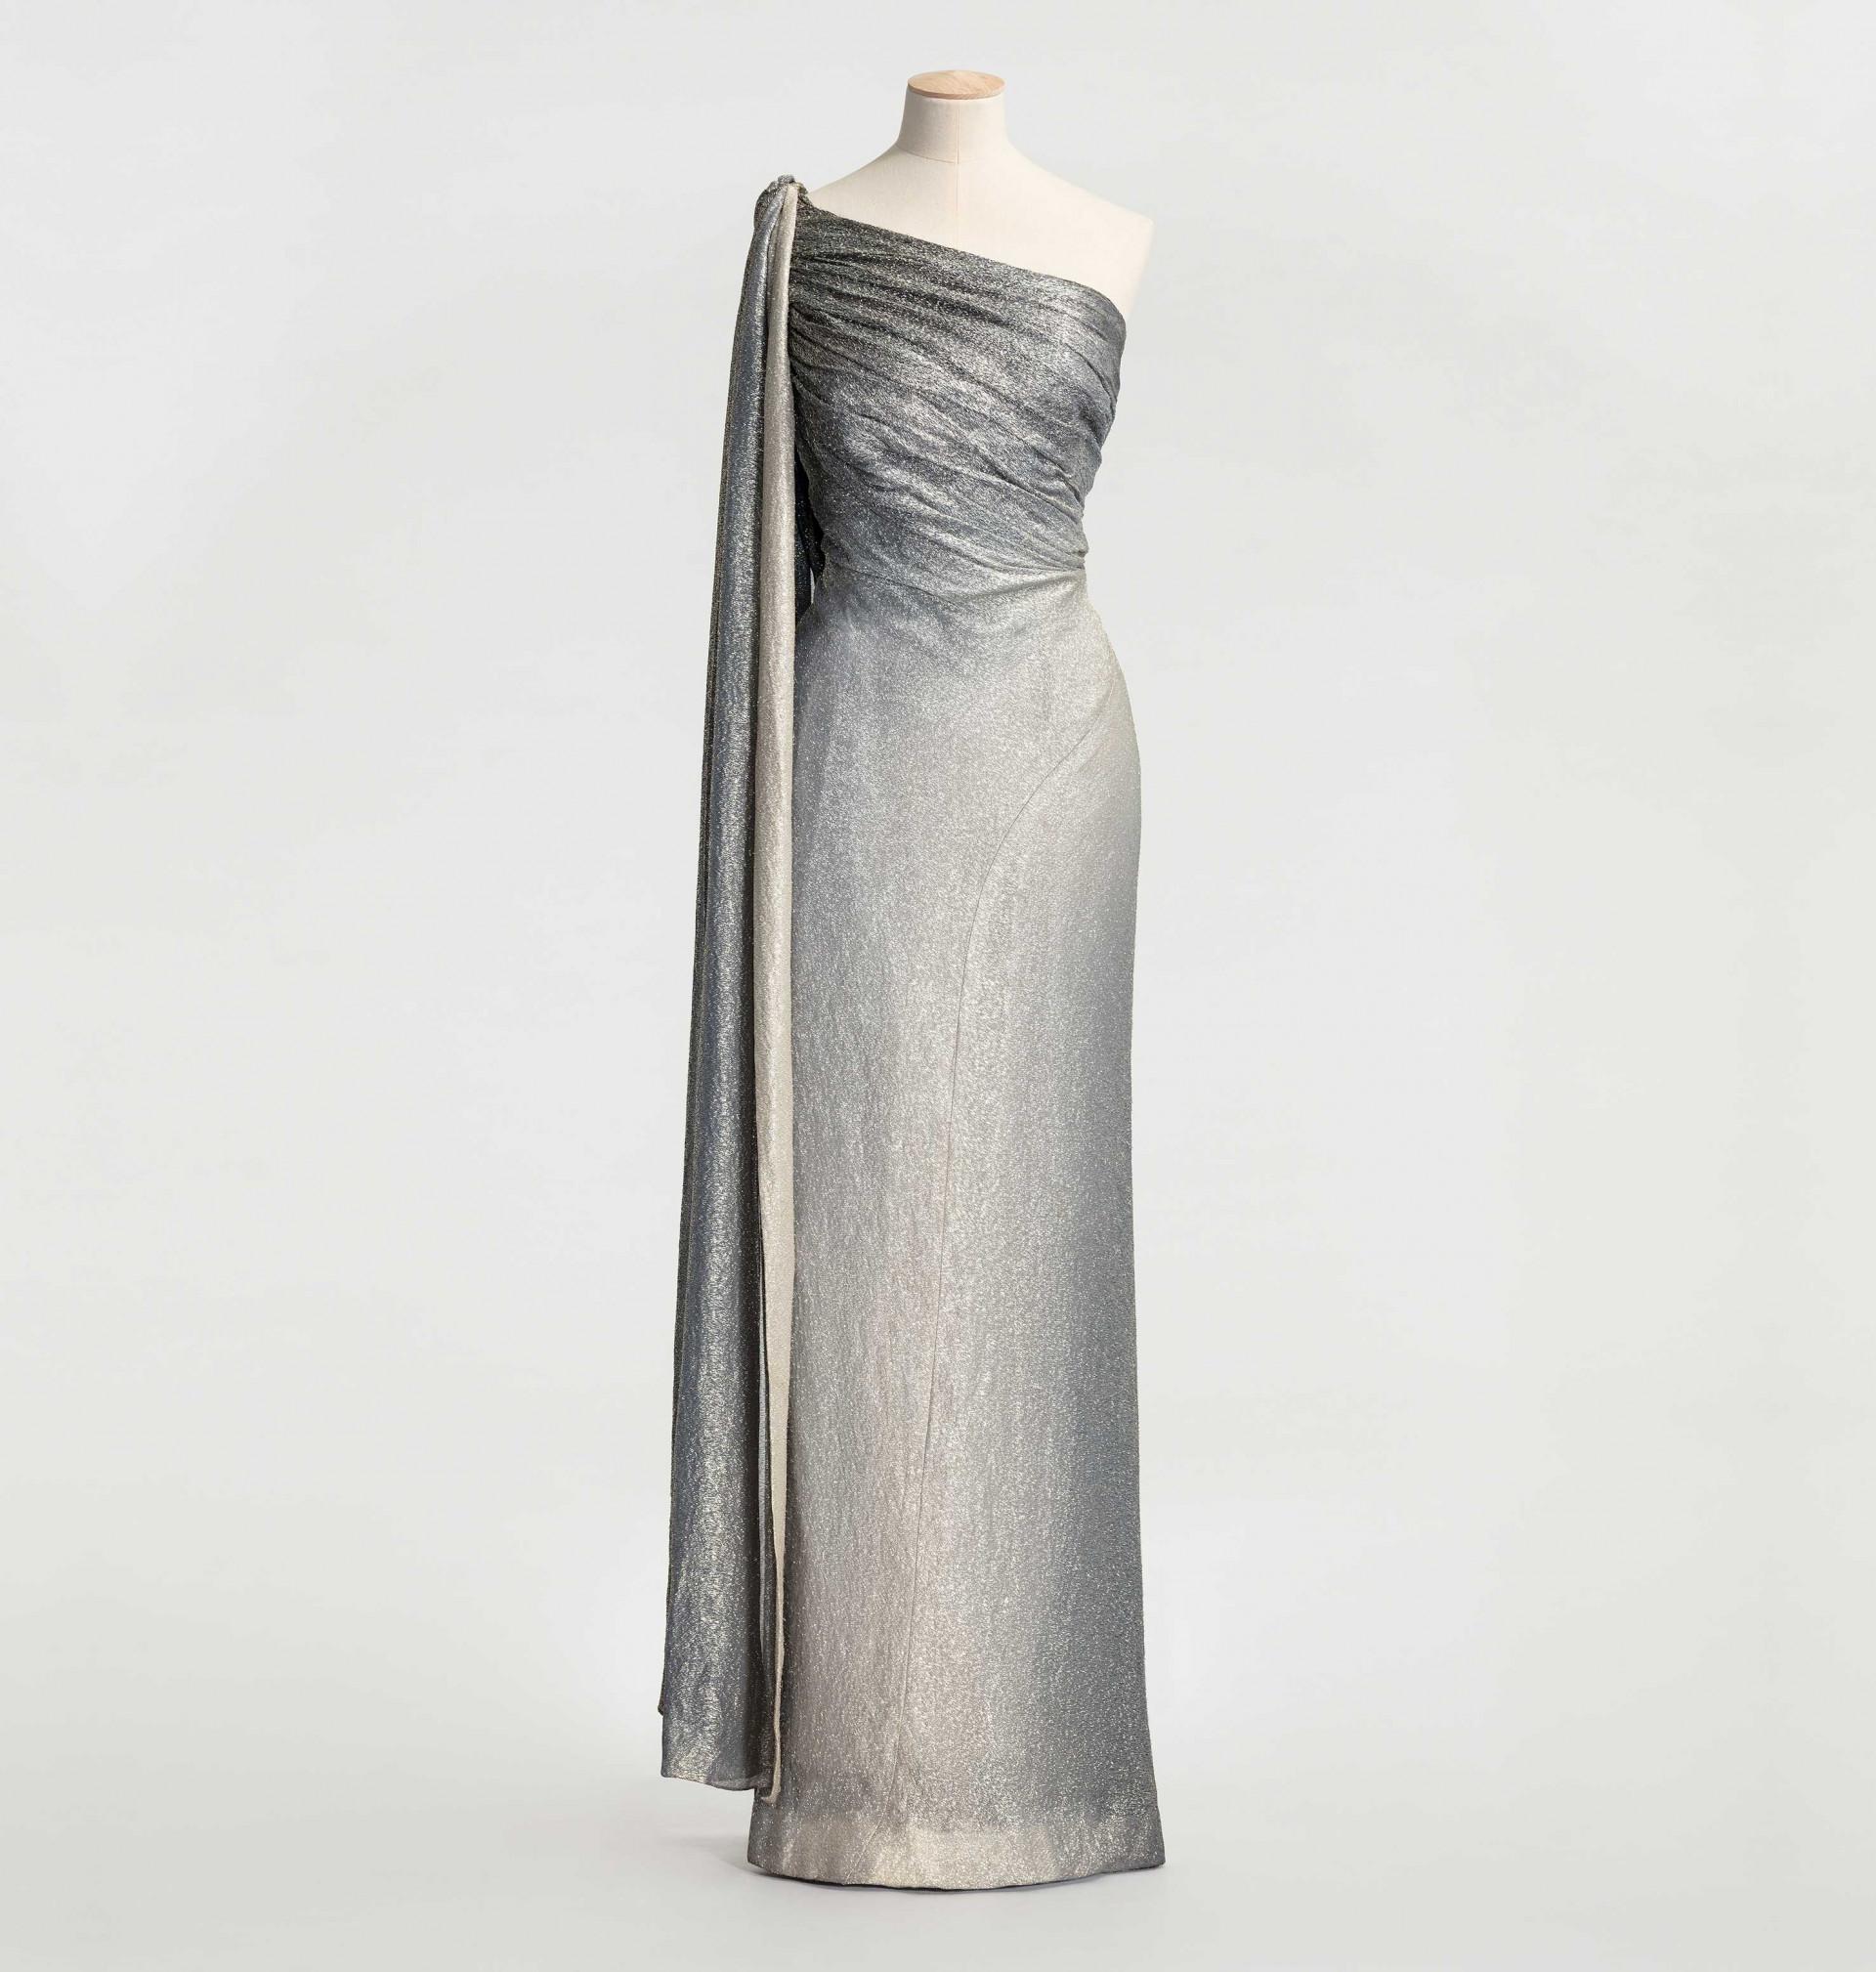 Silverskimrande klänning på provdocka